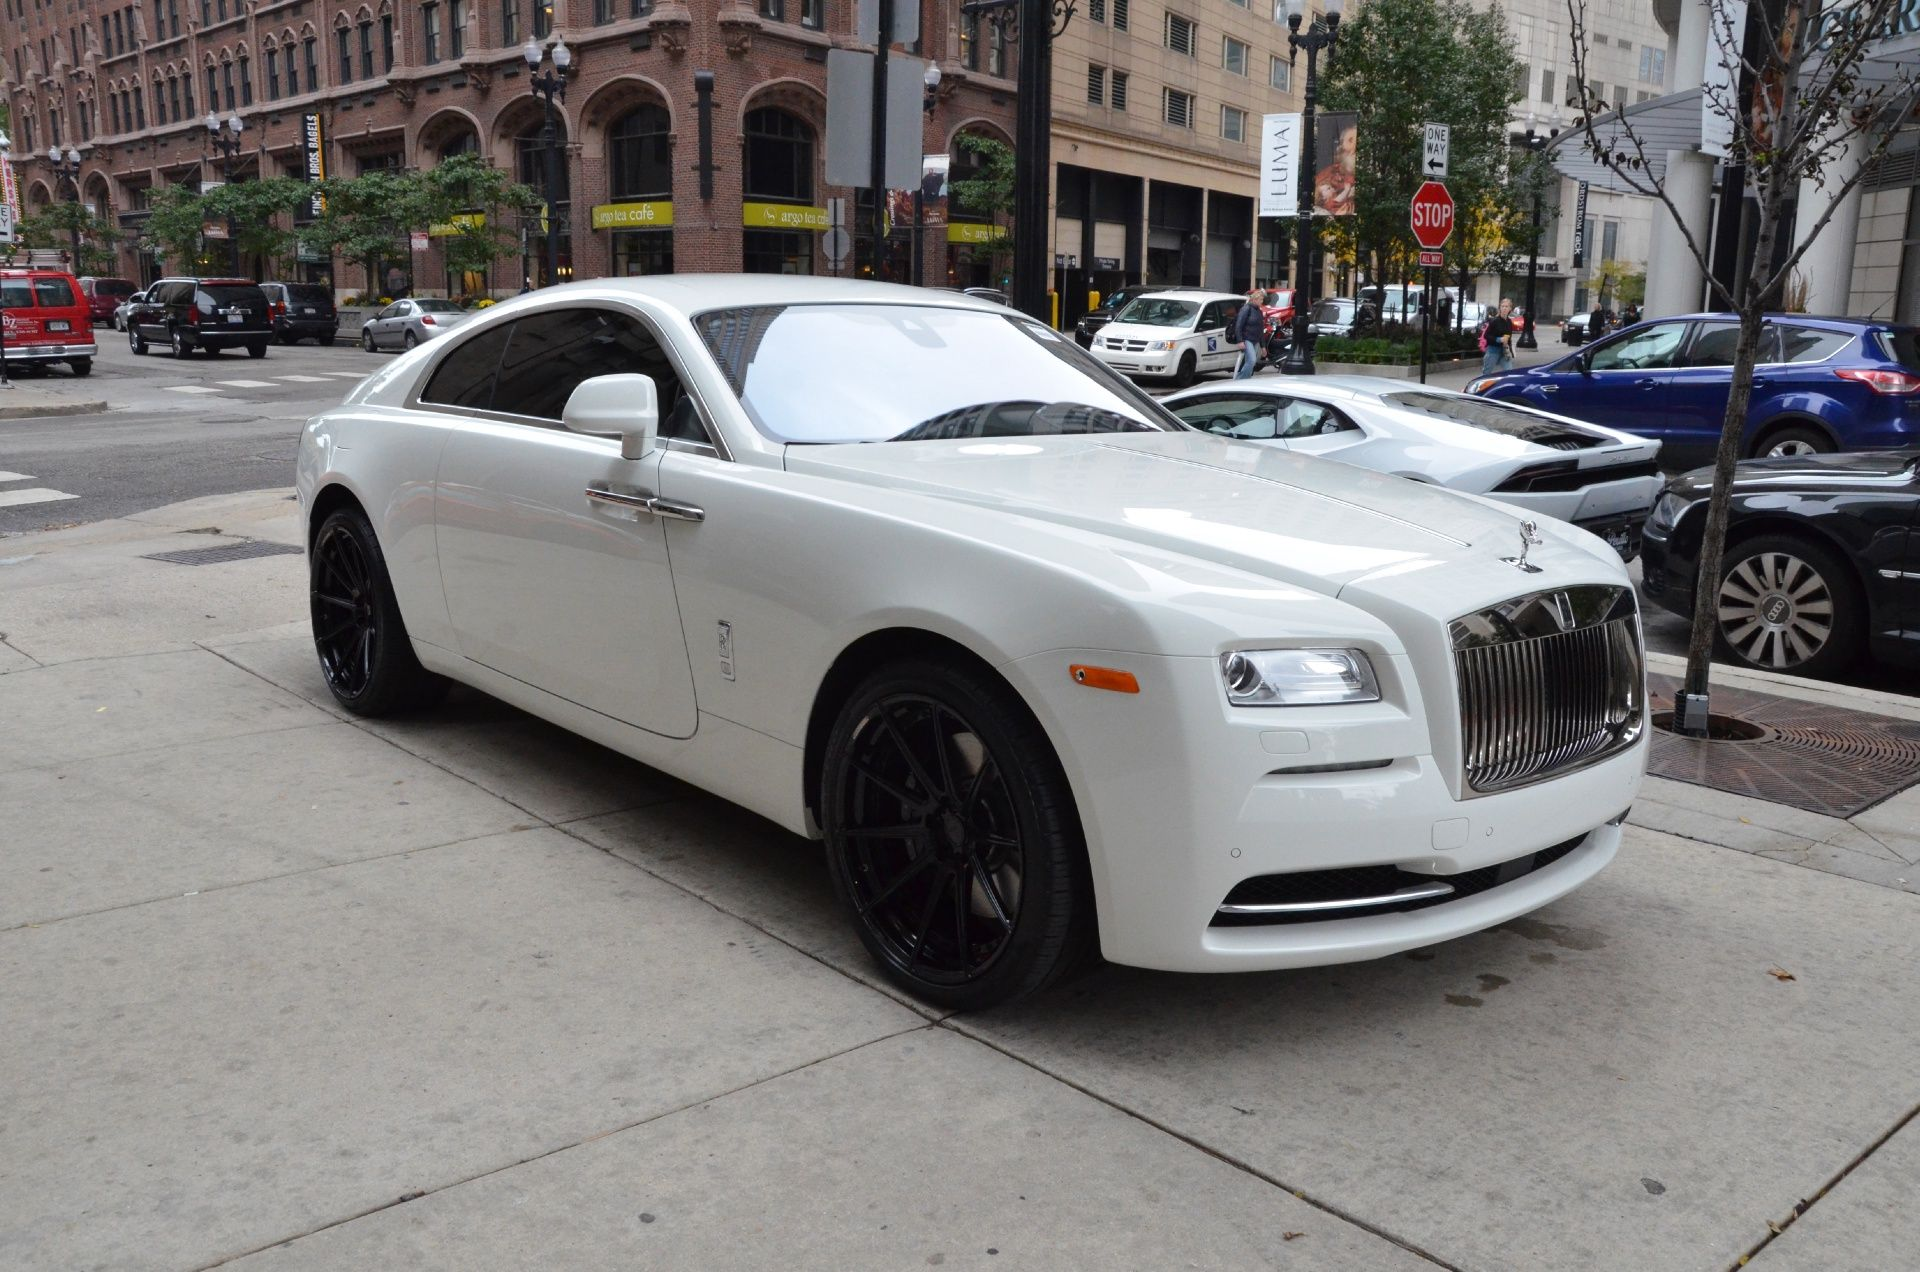 Rolls Royce Wraith Engines Rolls Royce Wraith Cars